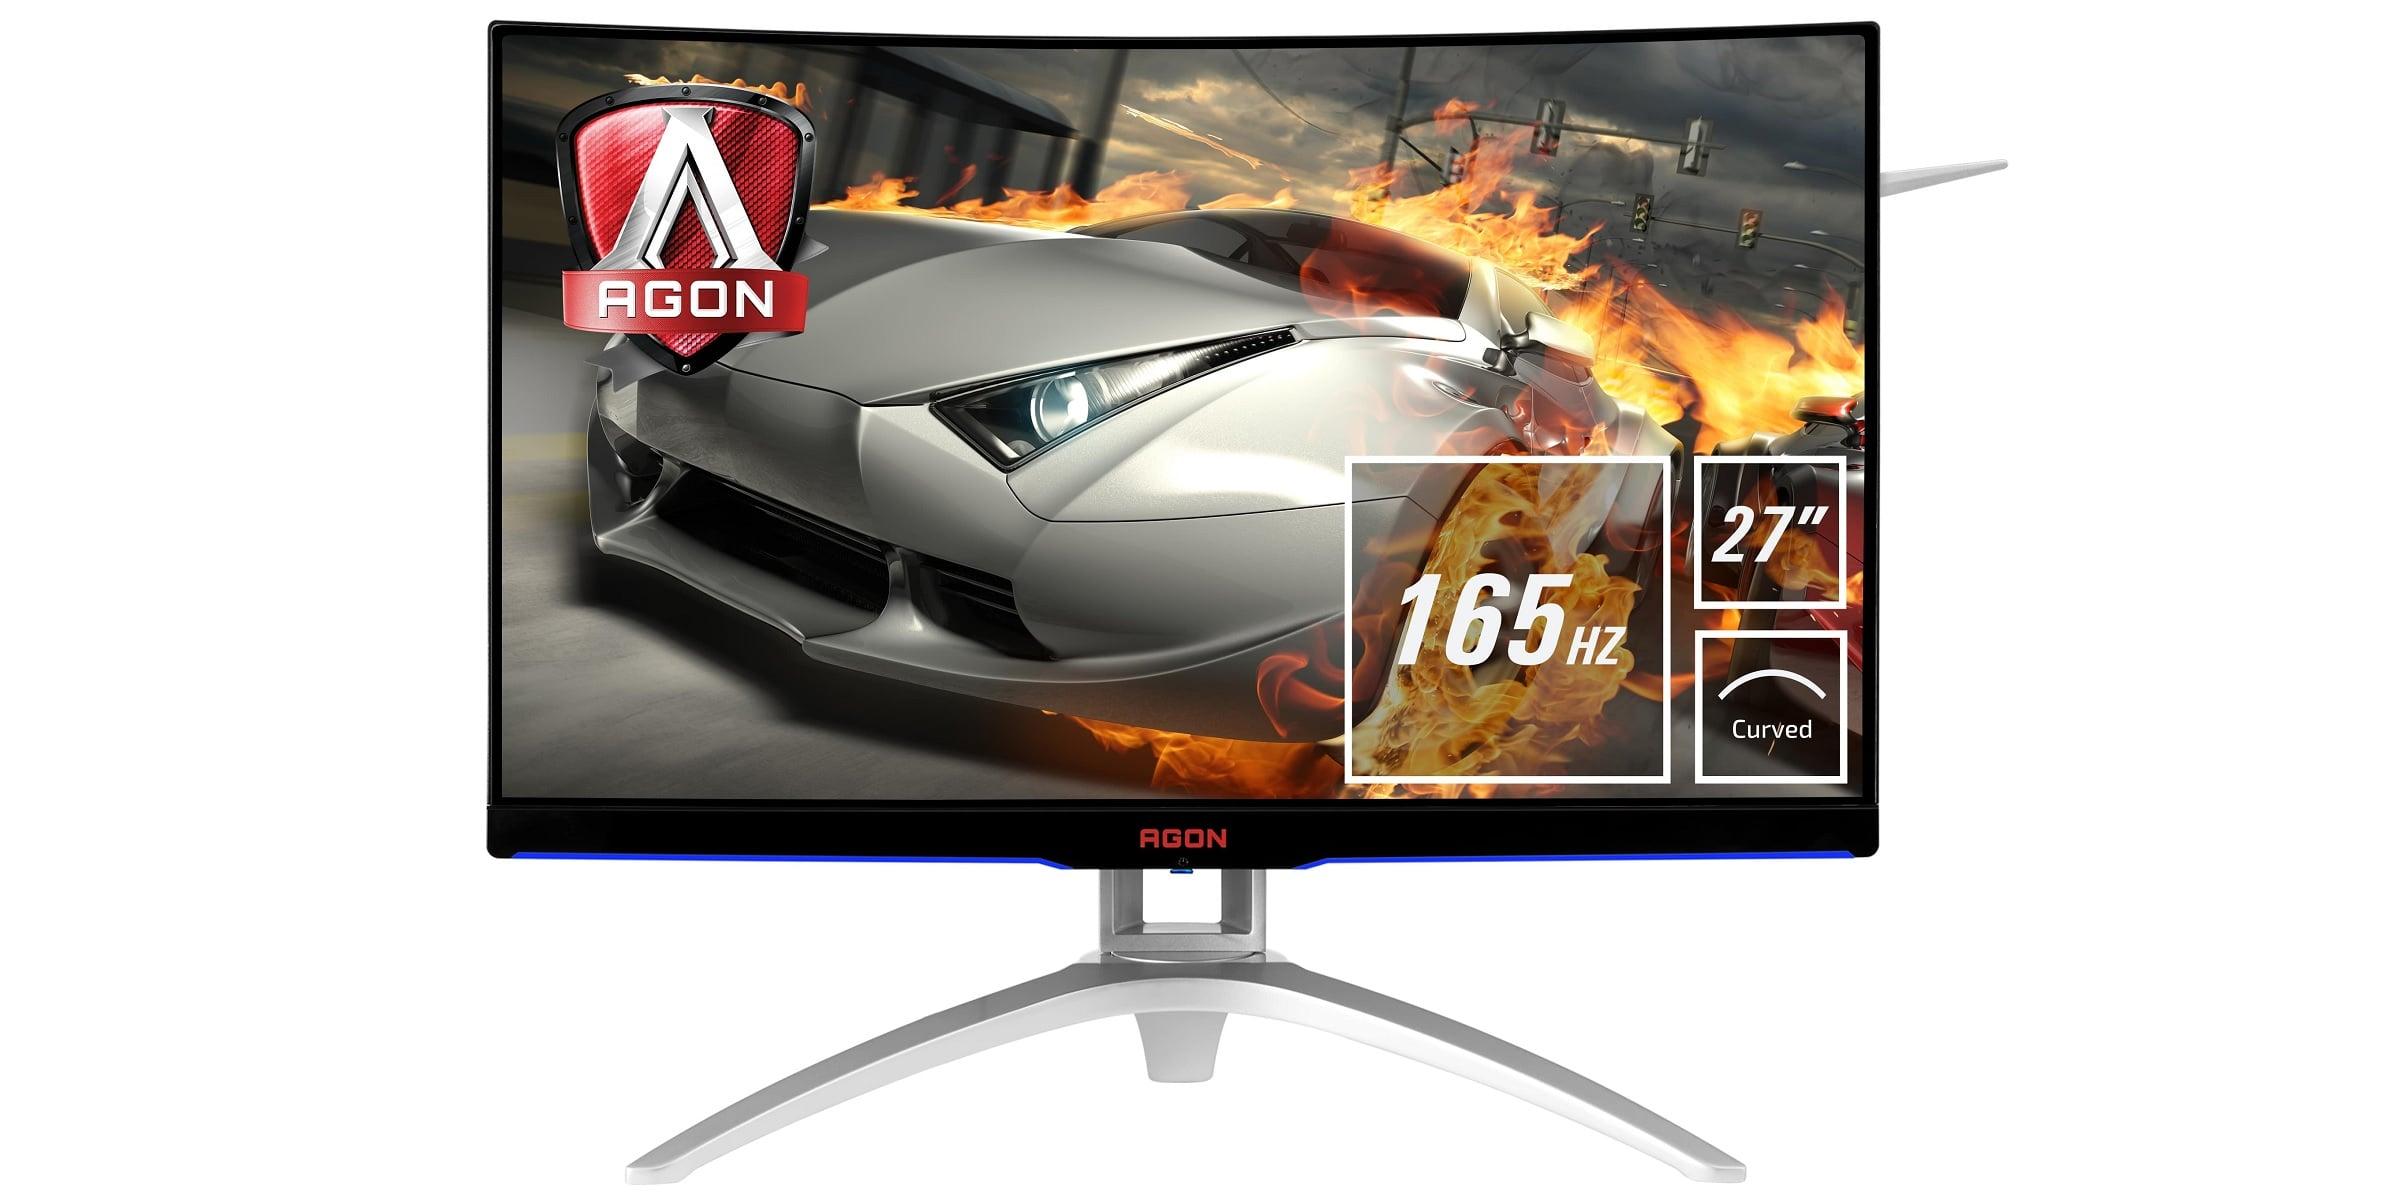 AOC AG272FCX6 - zakrzywiony monitor dla graczy z 27-calową matrycą i wsparciem dla AMD FreeSync 21